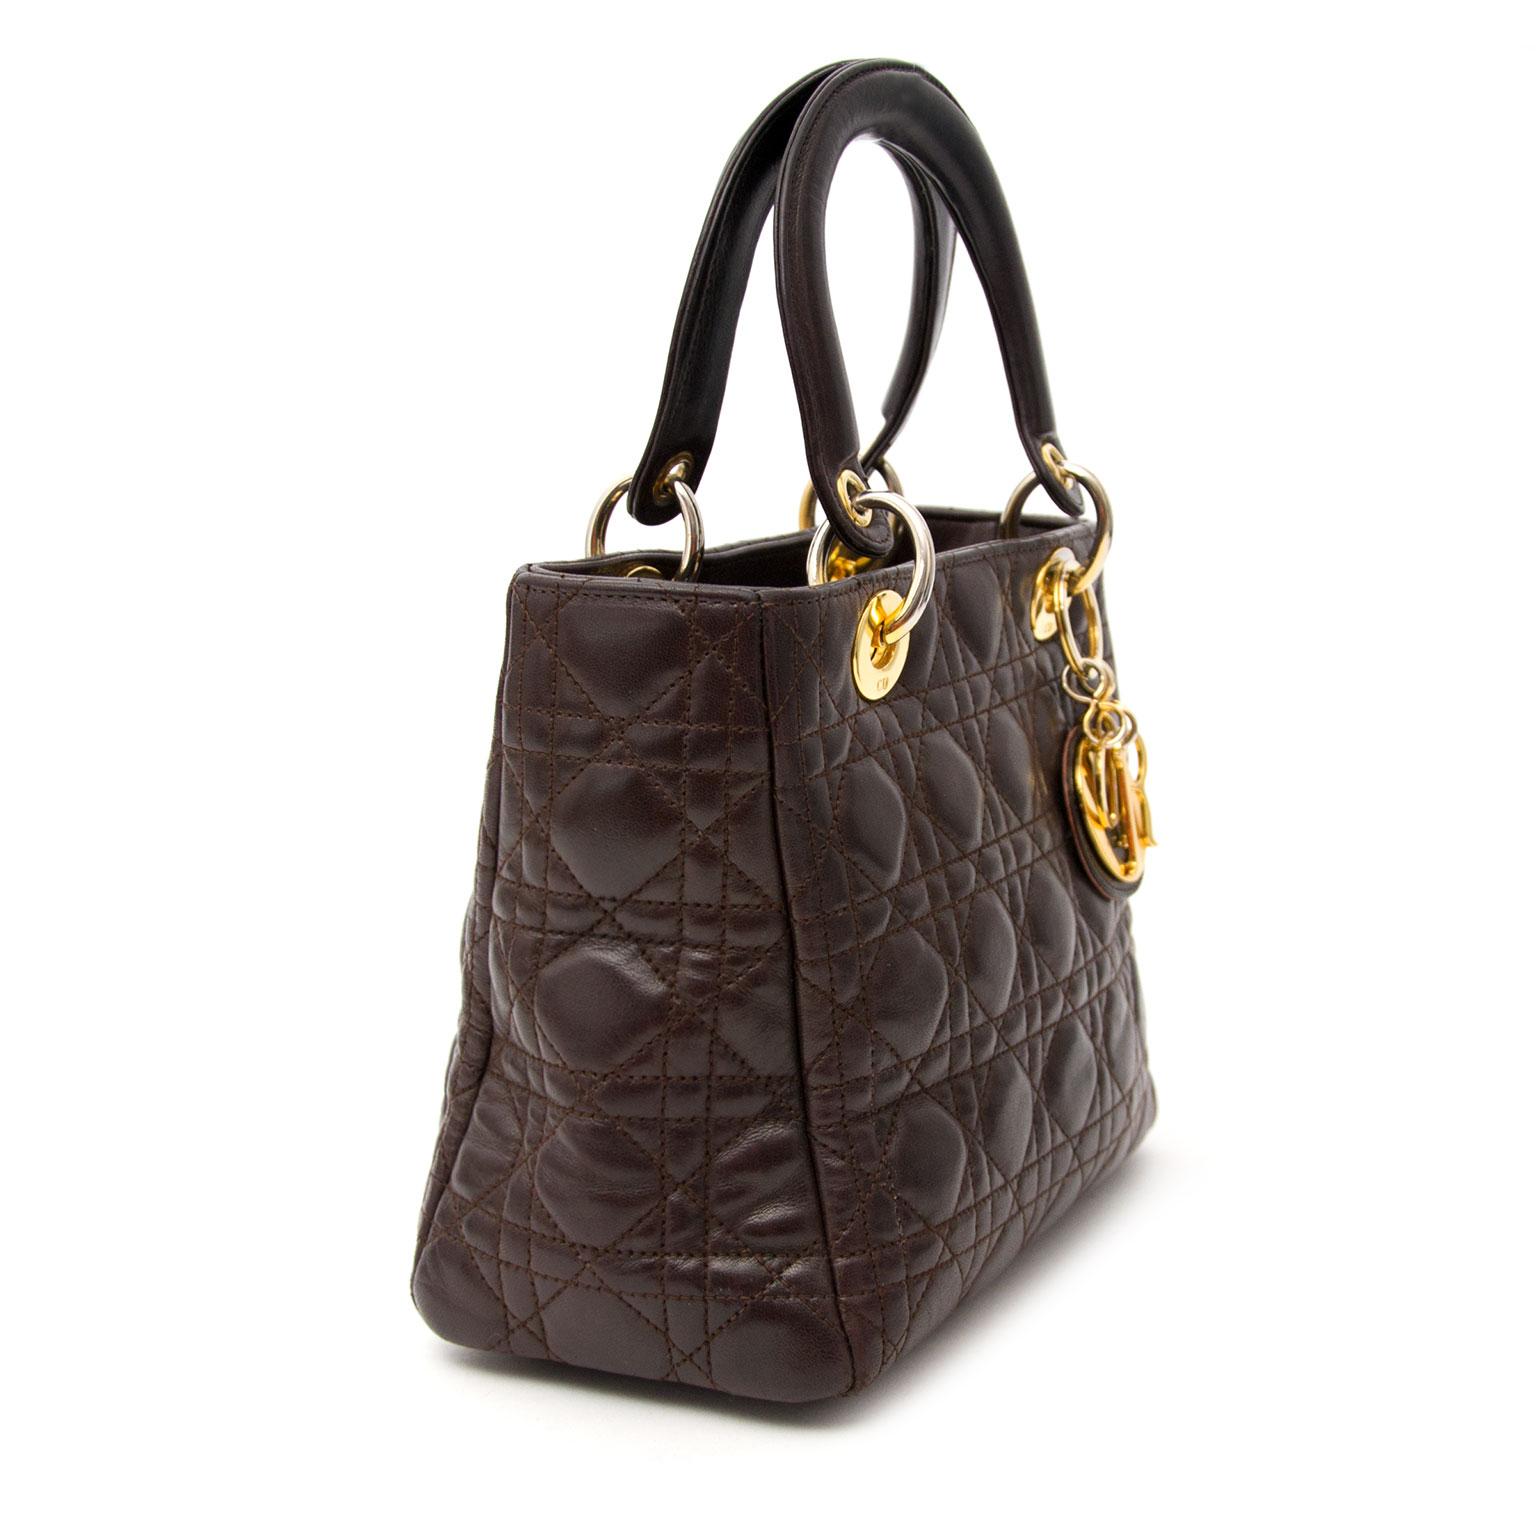 Acheter un Lady Dior Brown Mini Bag chez Labellov